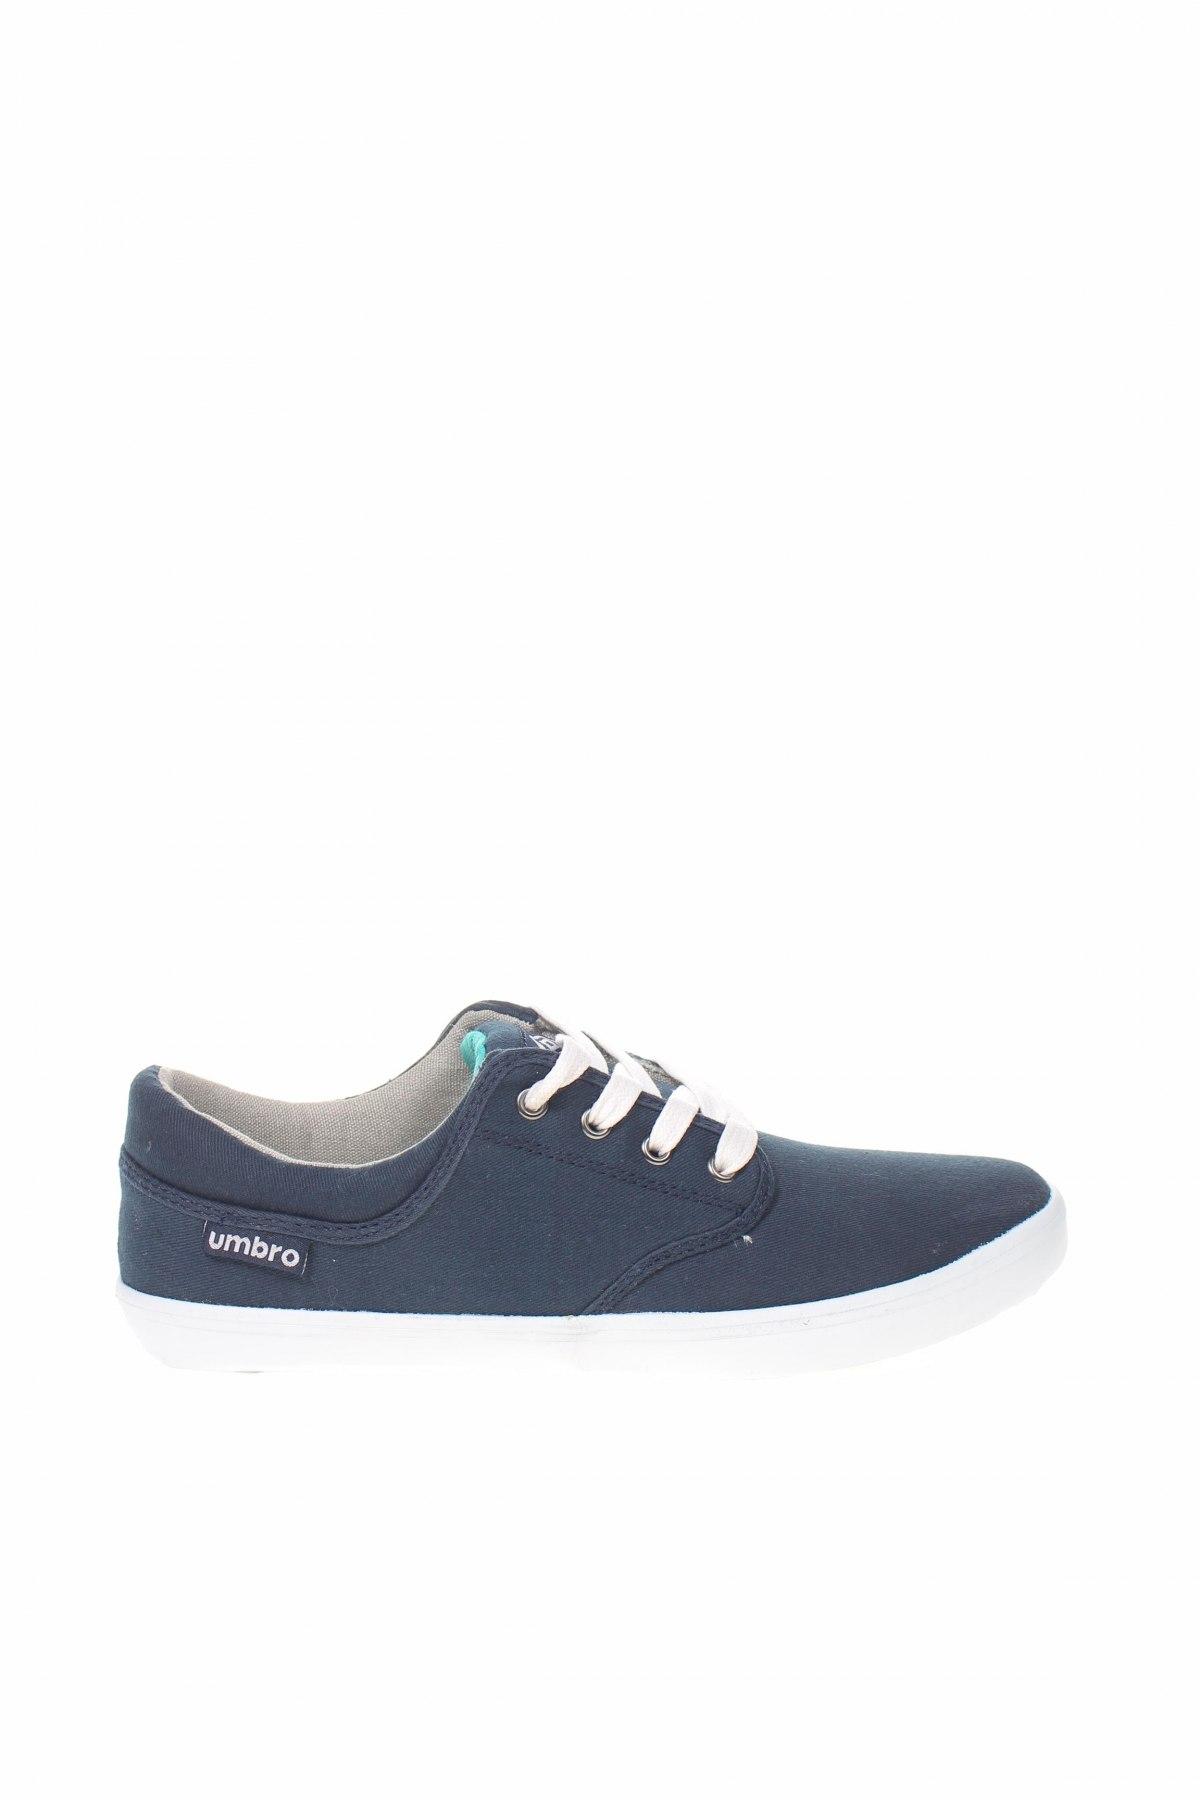 Παιδικά παπούτσια Umbro, Μέγεθος 38, Χρώμα Μπλέ, Κλωστοϋφαντουργικά προϊόντα, Τιμή 18,25€